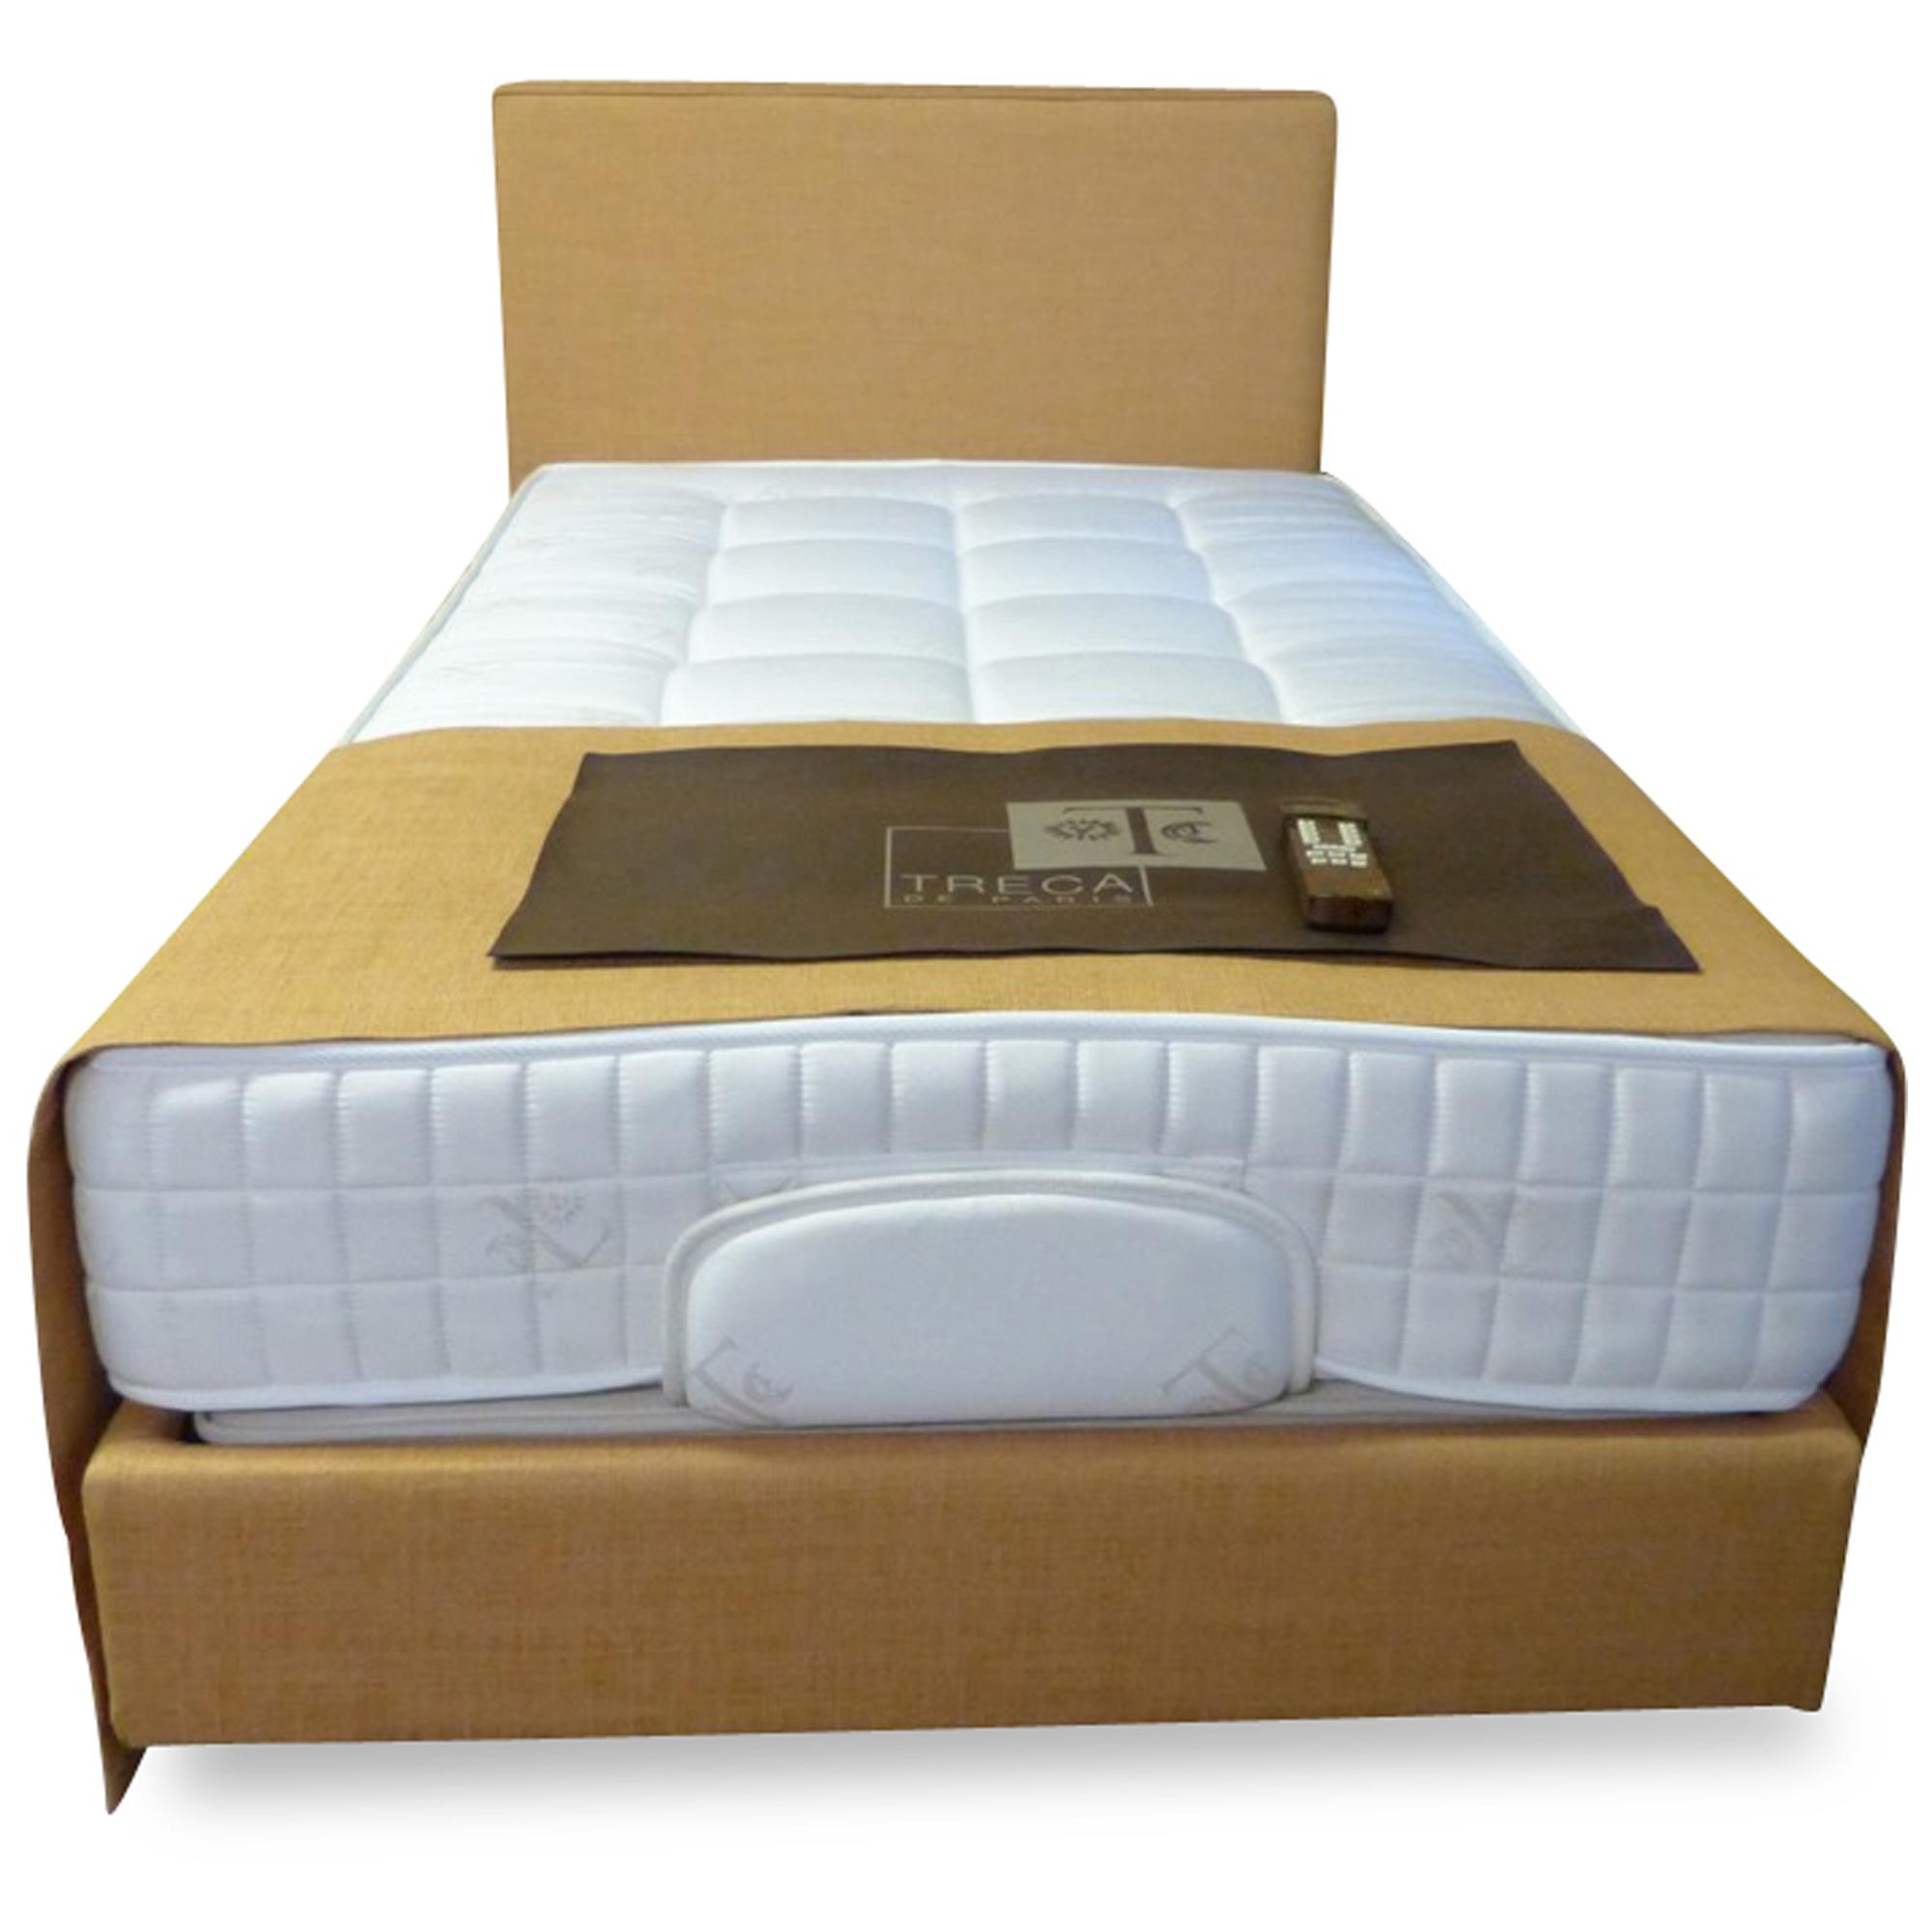 Full Size of Betten Düsseldorf Joop Köln Jabo Bock Ikea 160x200 Aus Holz 200x220 Massivholz Mit Bettkasten Stauraum Schubladen Treca Teenager Schöne Französische Bett Treca Betten